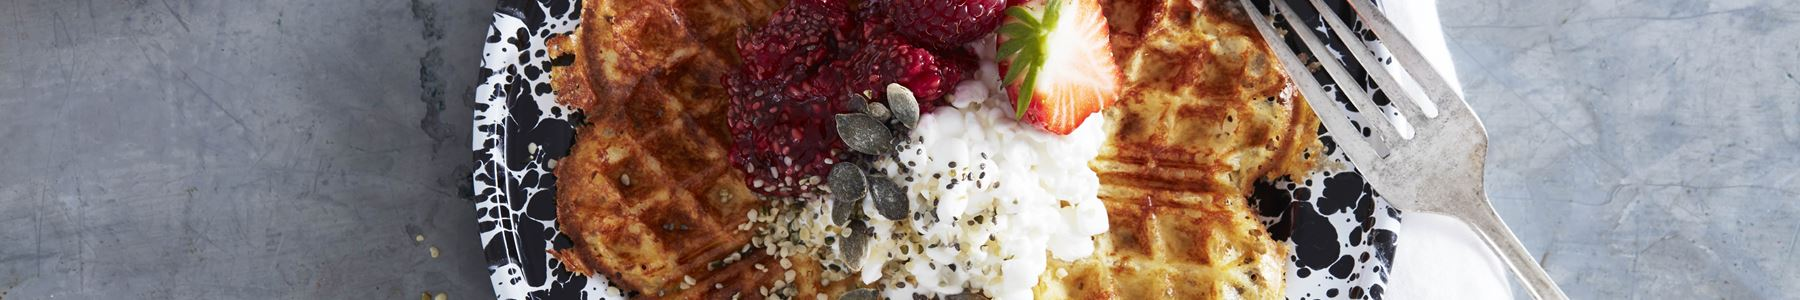 Desserter + Hytteost + Forår